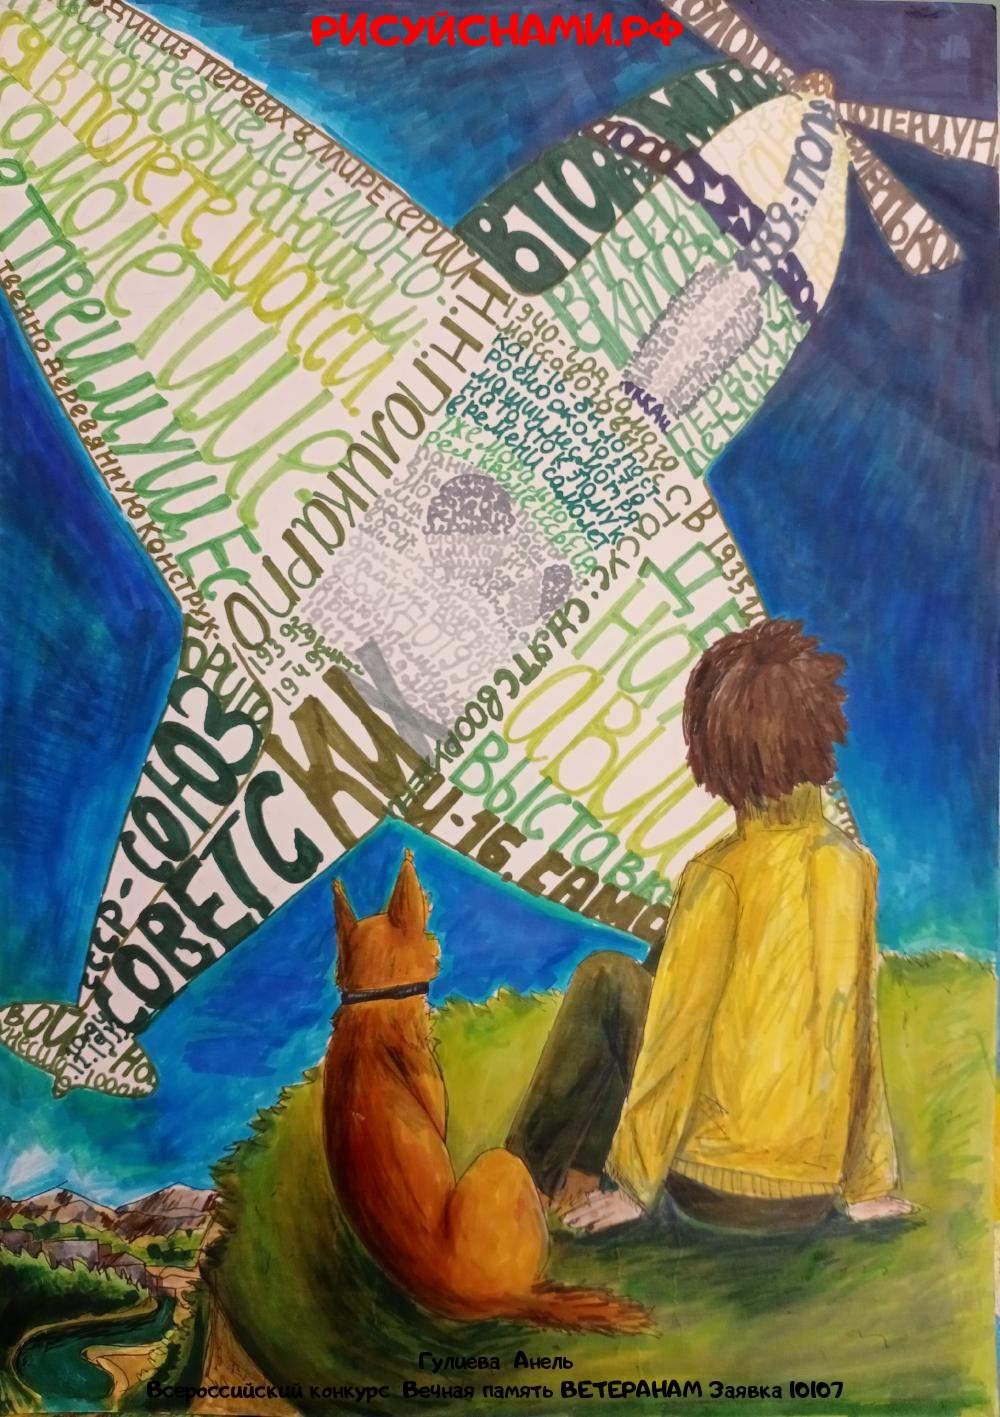 Всероссийский конкурс  Вечная память ВЕТЕРАНАМ Заявка 10107  творческие конкурсы рисунков для школьников и дошкольников рисуй с нами #тмрисуйснами рисунок и поделка - Гулиева  Анель